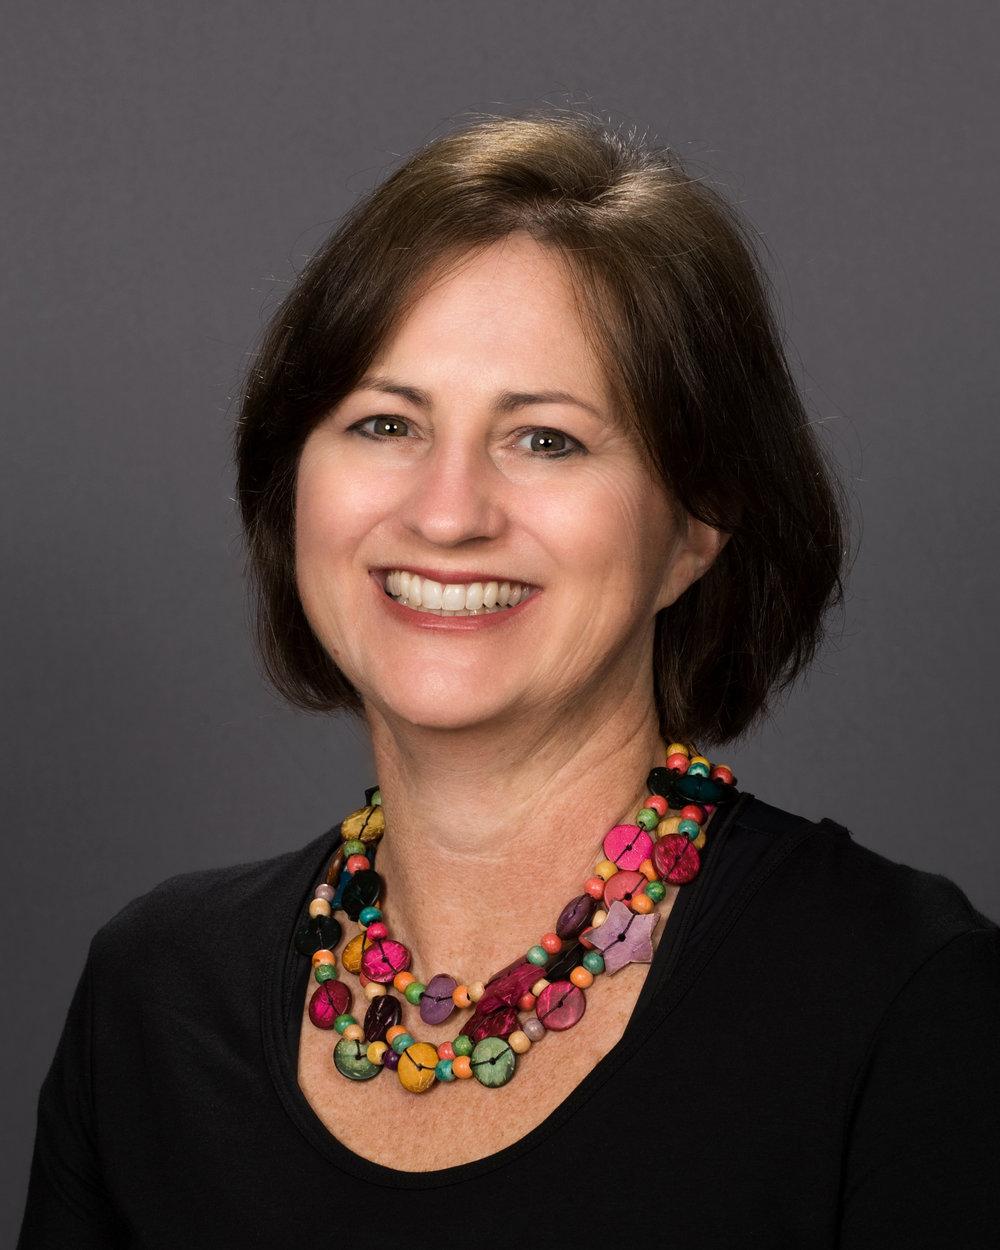 Beth Golik